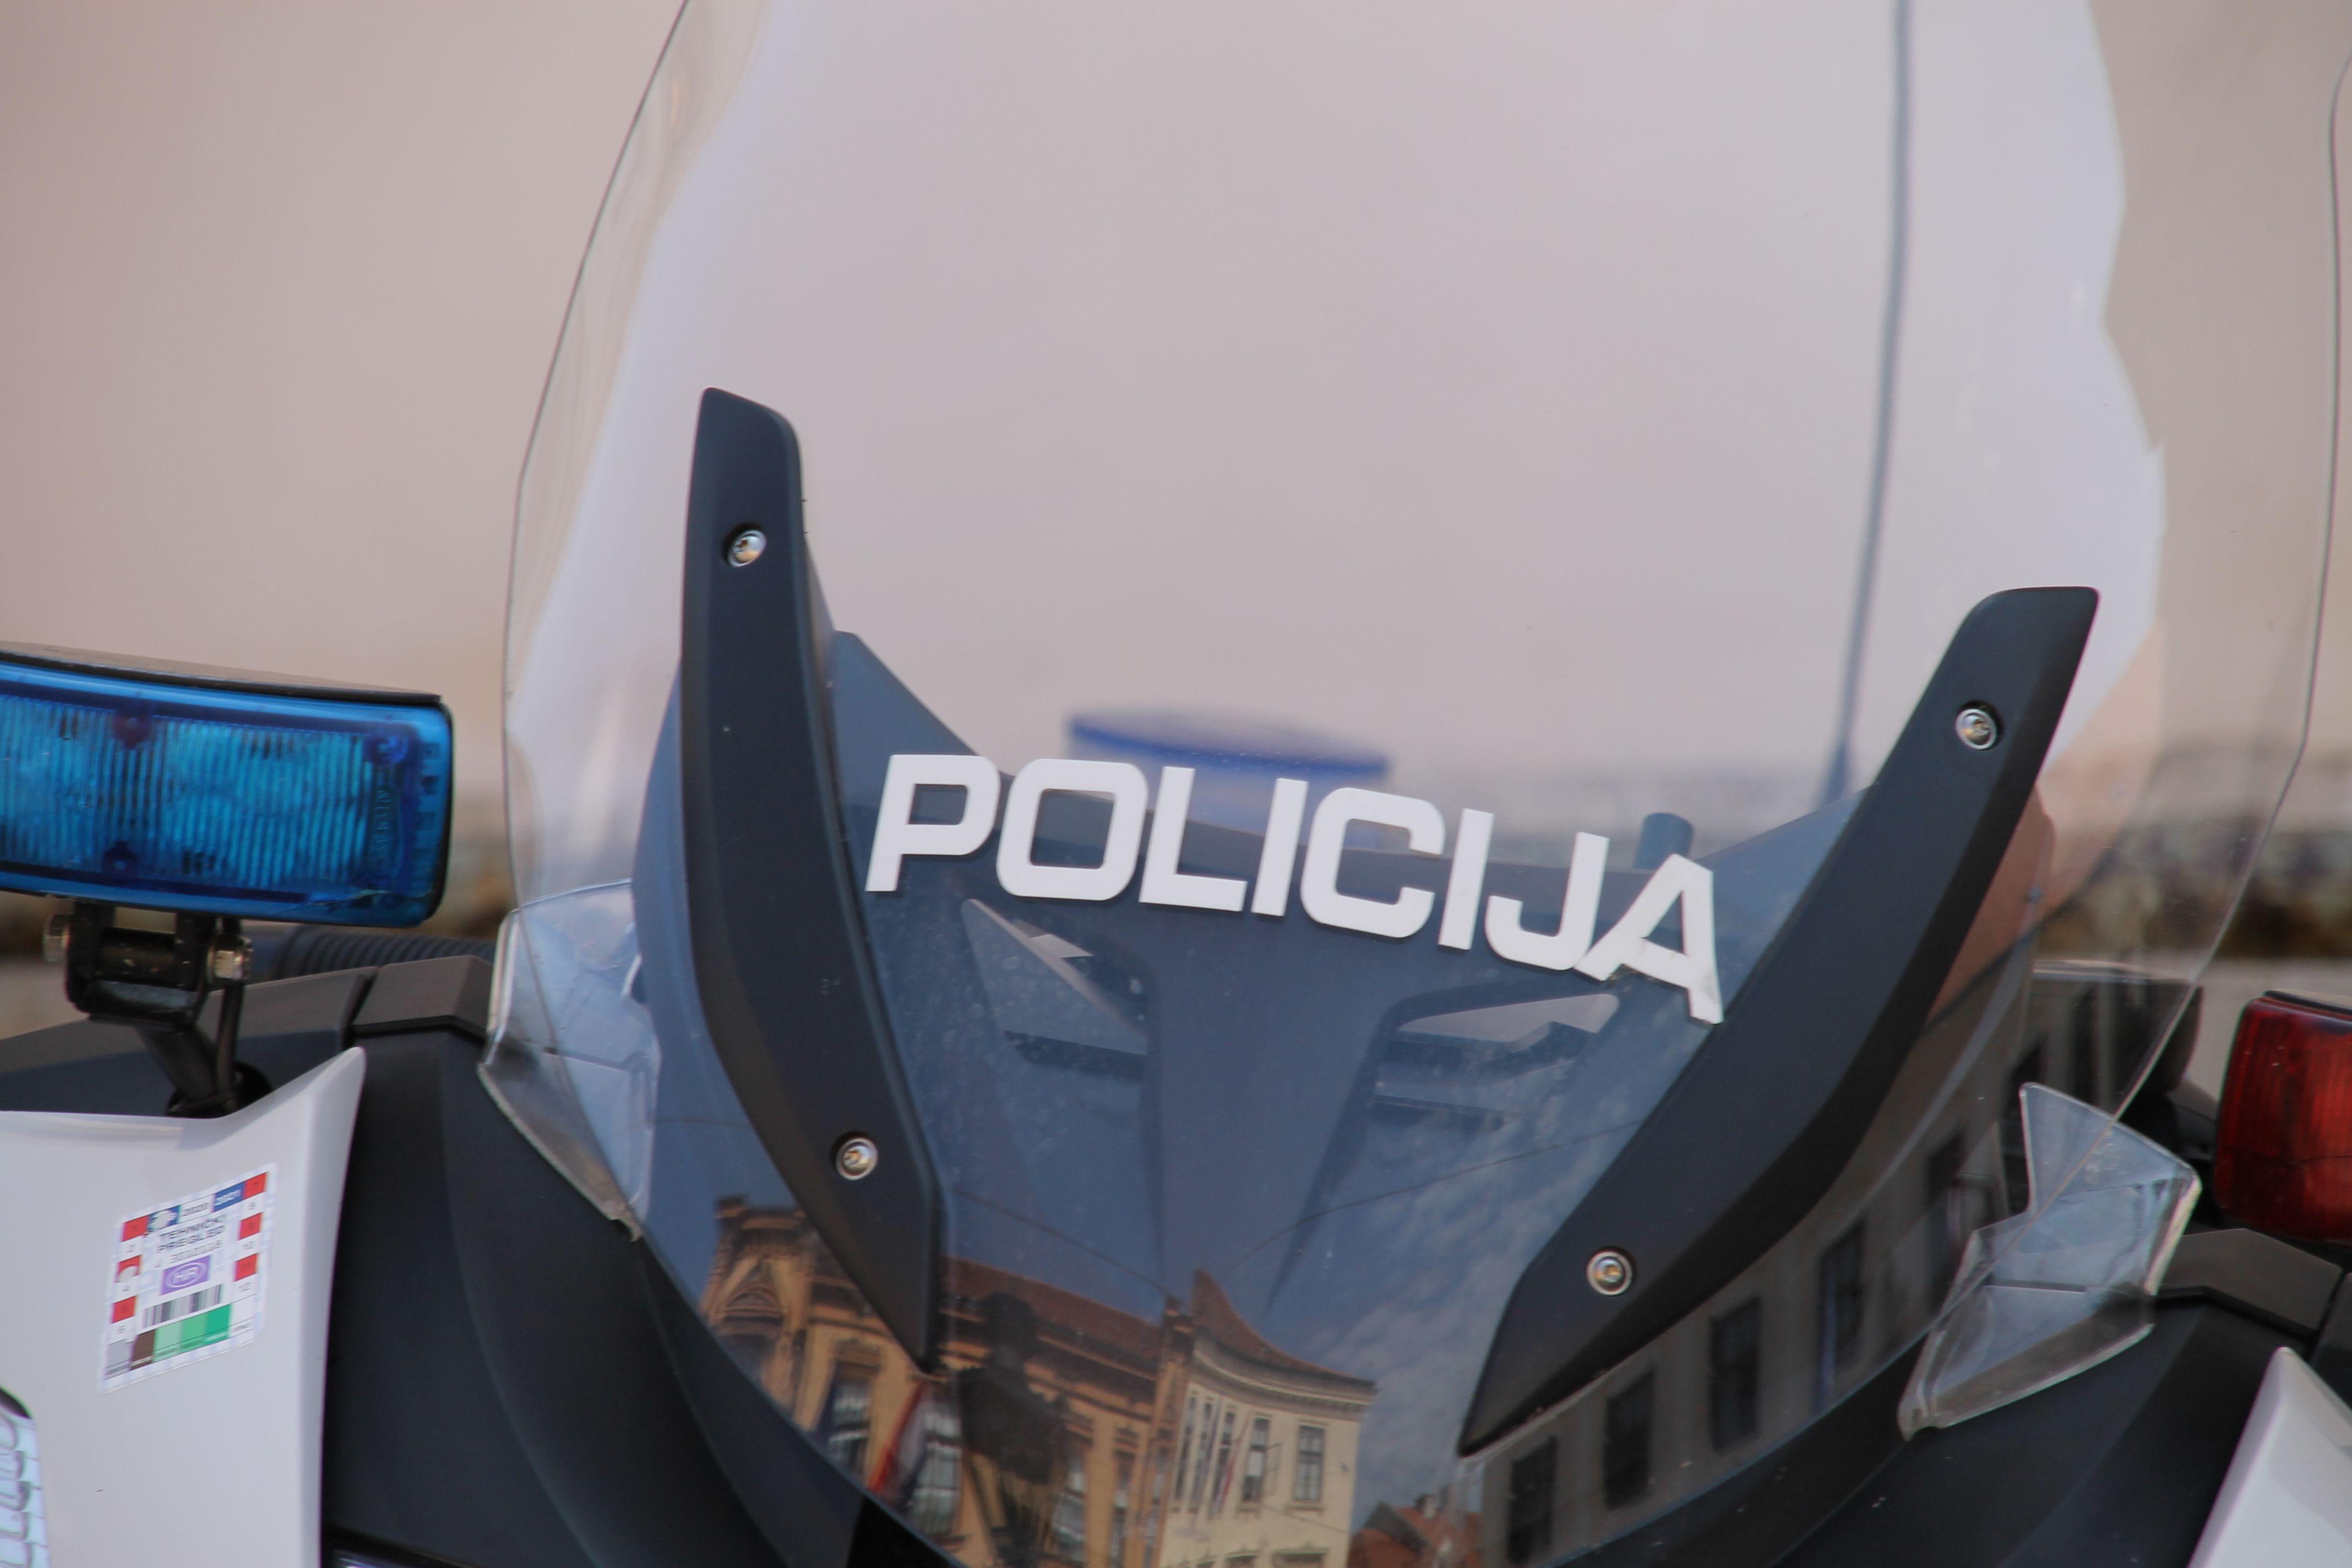 Zagrebačka policija: U dva dana 53 prekršaja mopedista, motociklista i biciklista